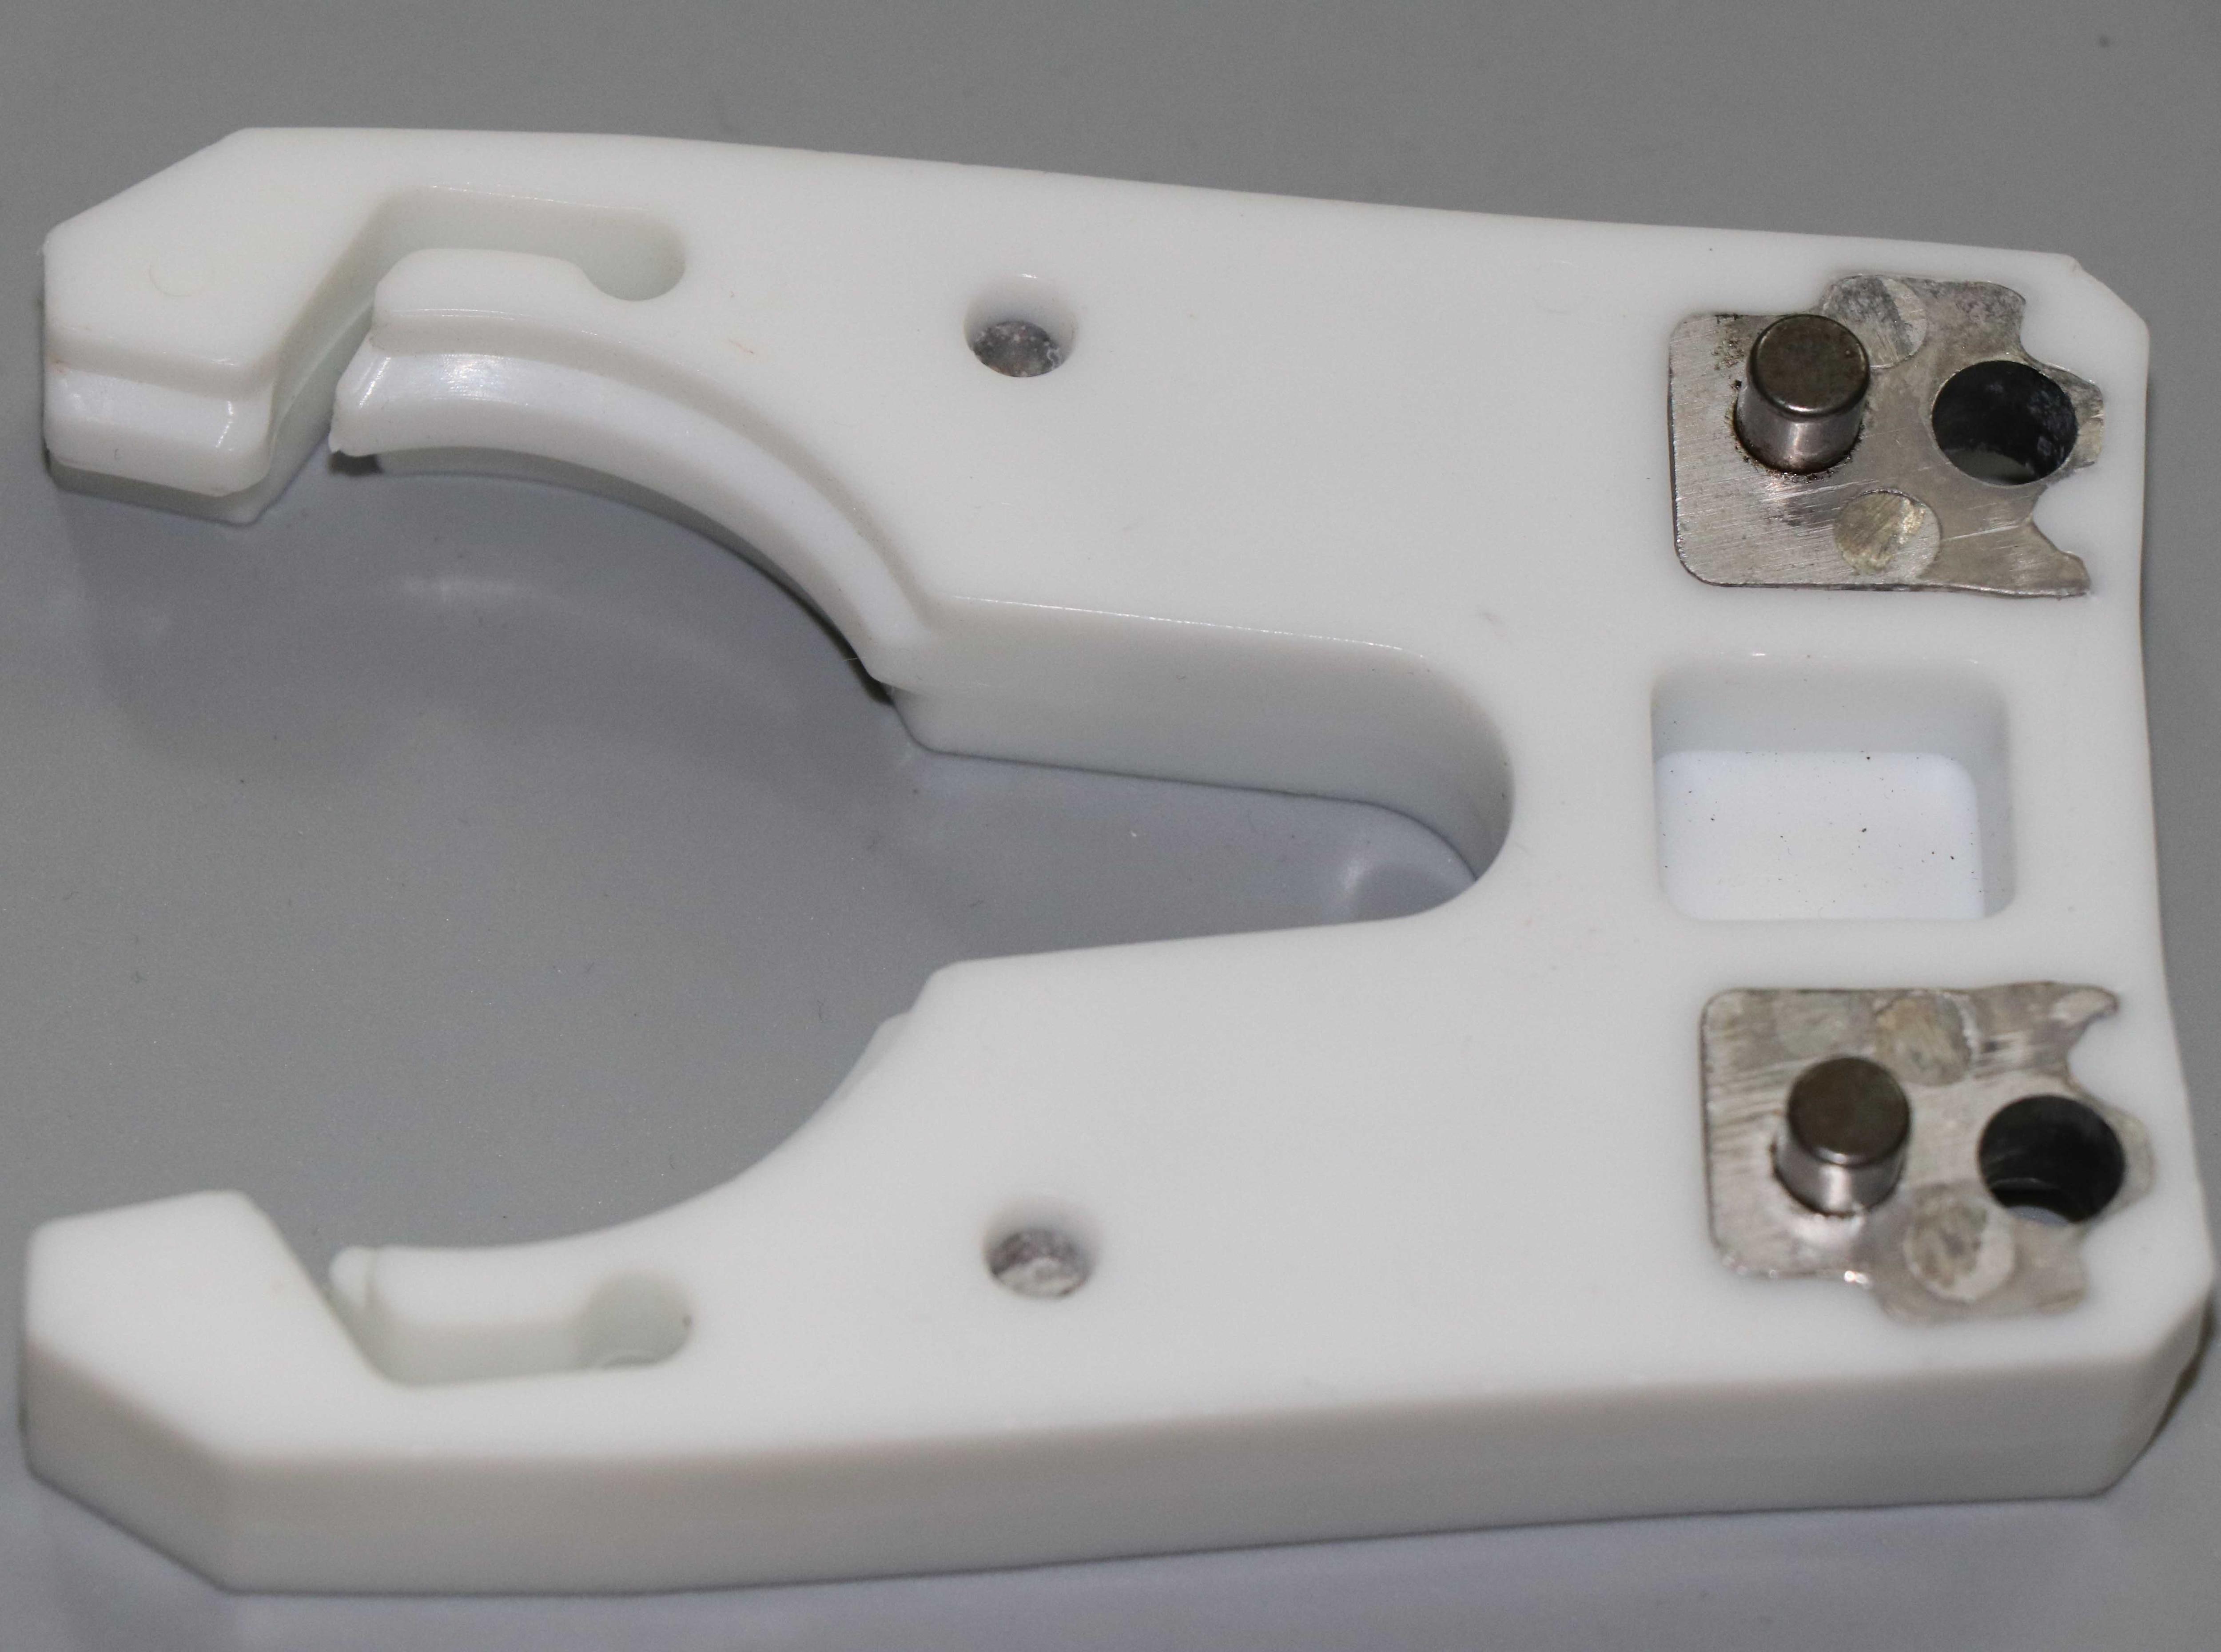 ISO30 įrankio laikiklio spaustukas geležimi + ABS nedegi guma, - Staklės ir priedai - Nuotrauka 3